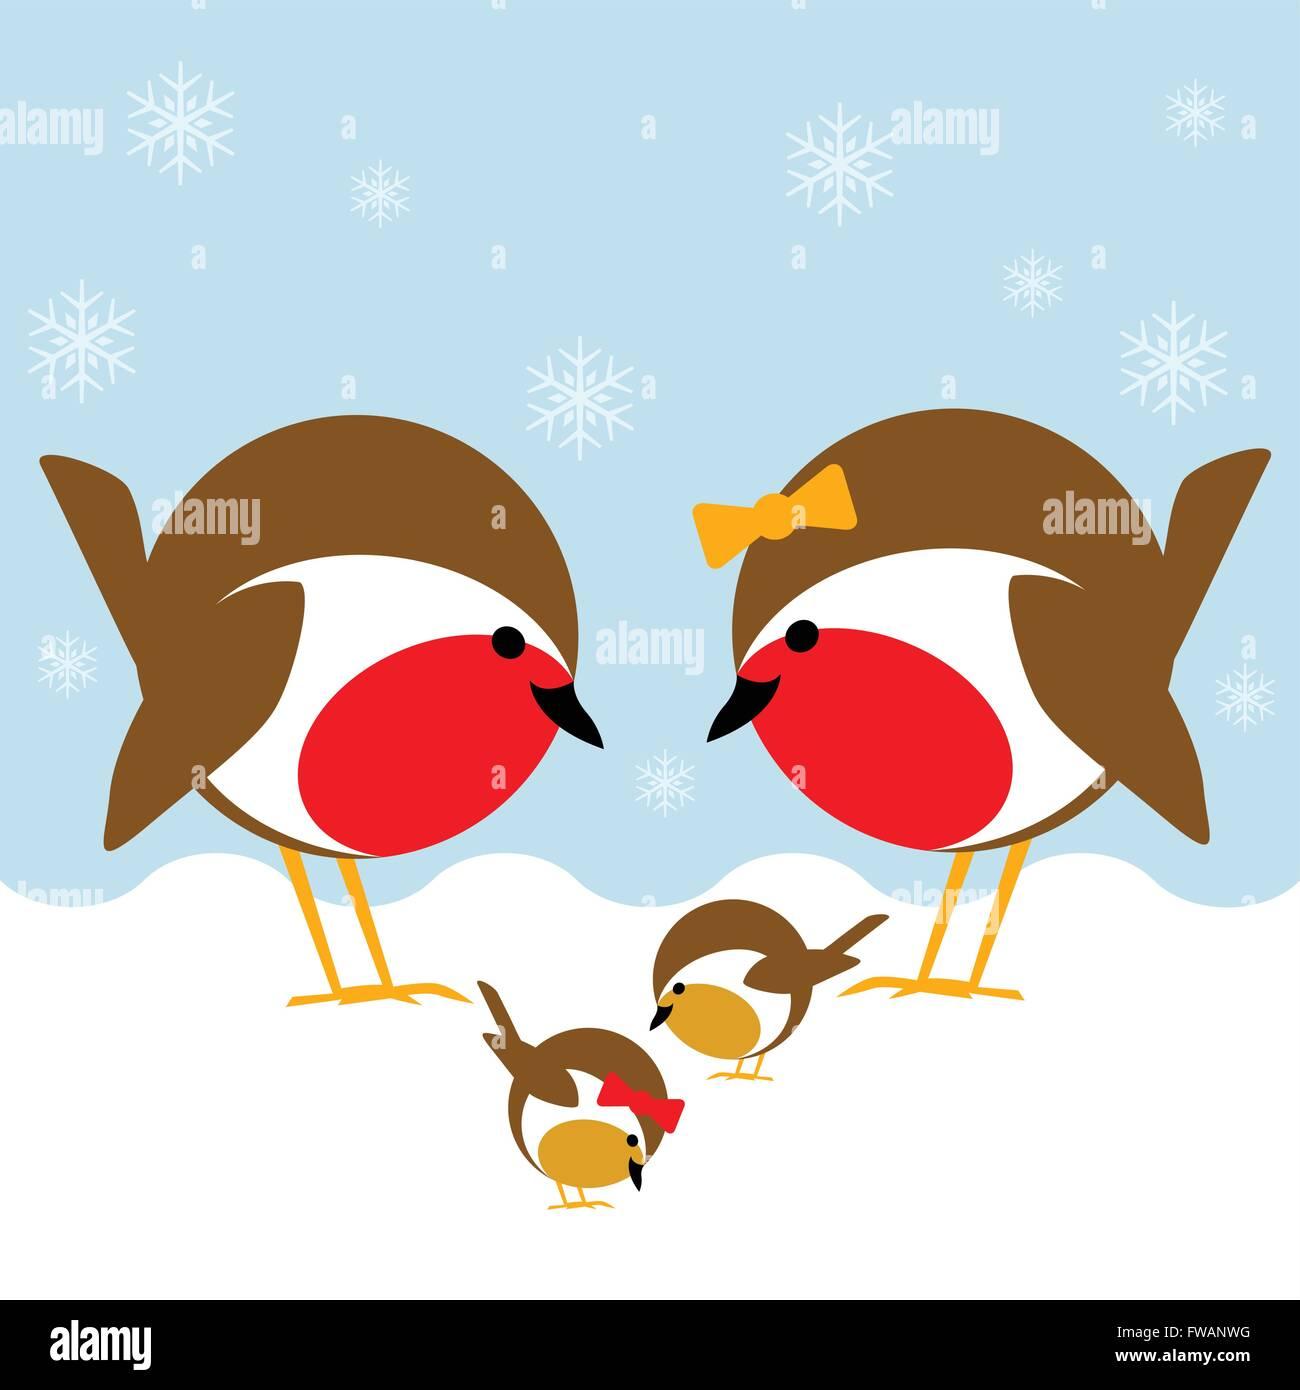 Una bella scena invernale con una famiglia di robin redbreasts nella neve. La madre e il padre supervisiona i loro Immagini Stock